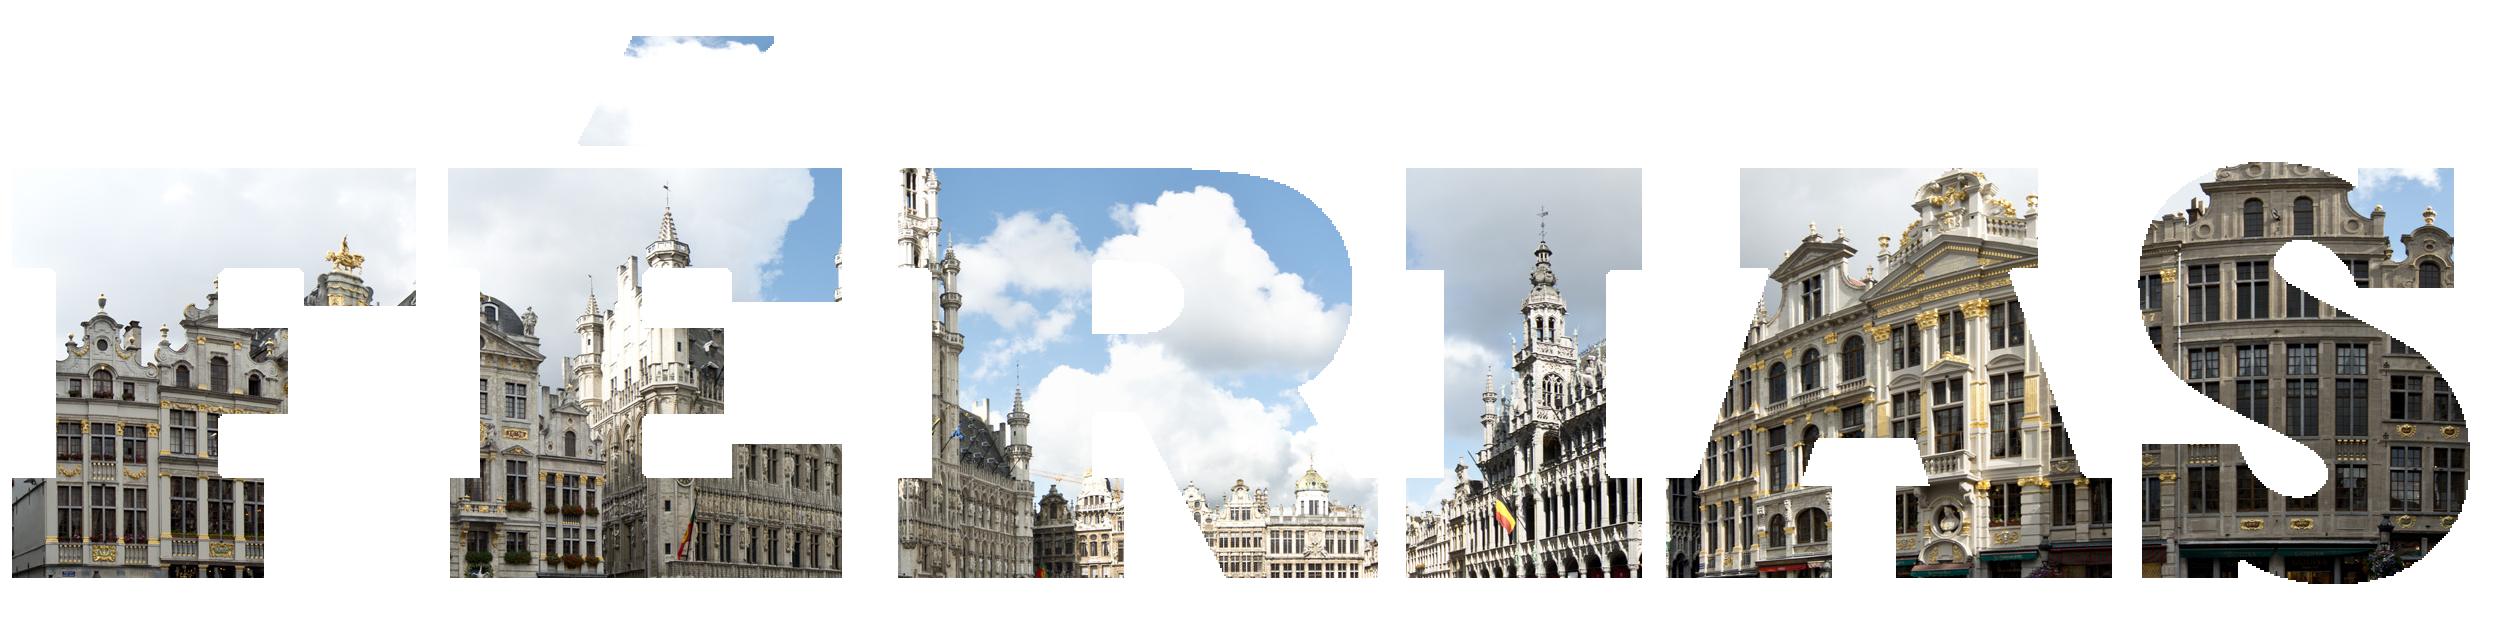 Férias em Bruxelas e Amsterdam